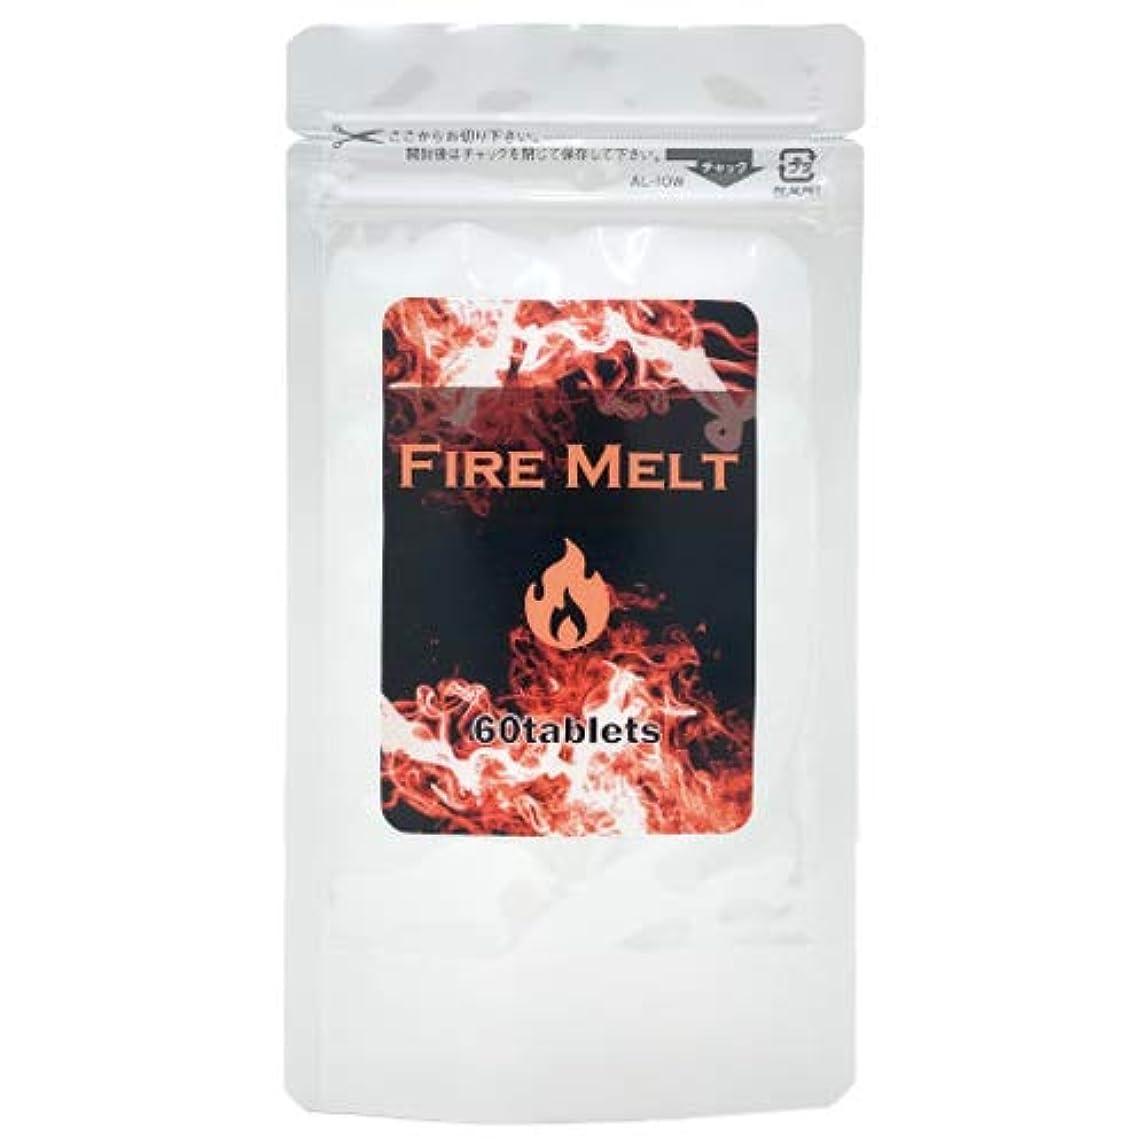 ターミナルハードウェア乞食ファイアーメルト firemelt 60粒 約30日分 ダイエット サプリ 燃焼